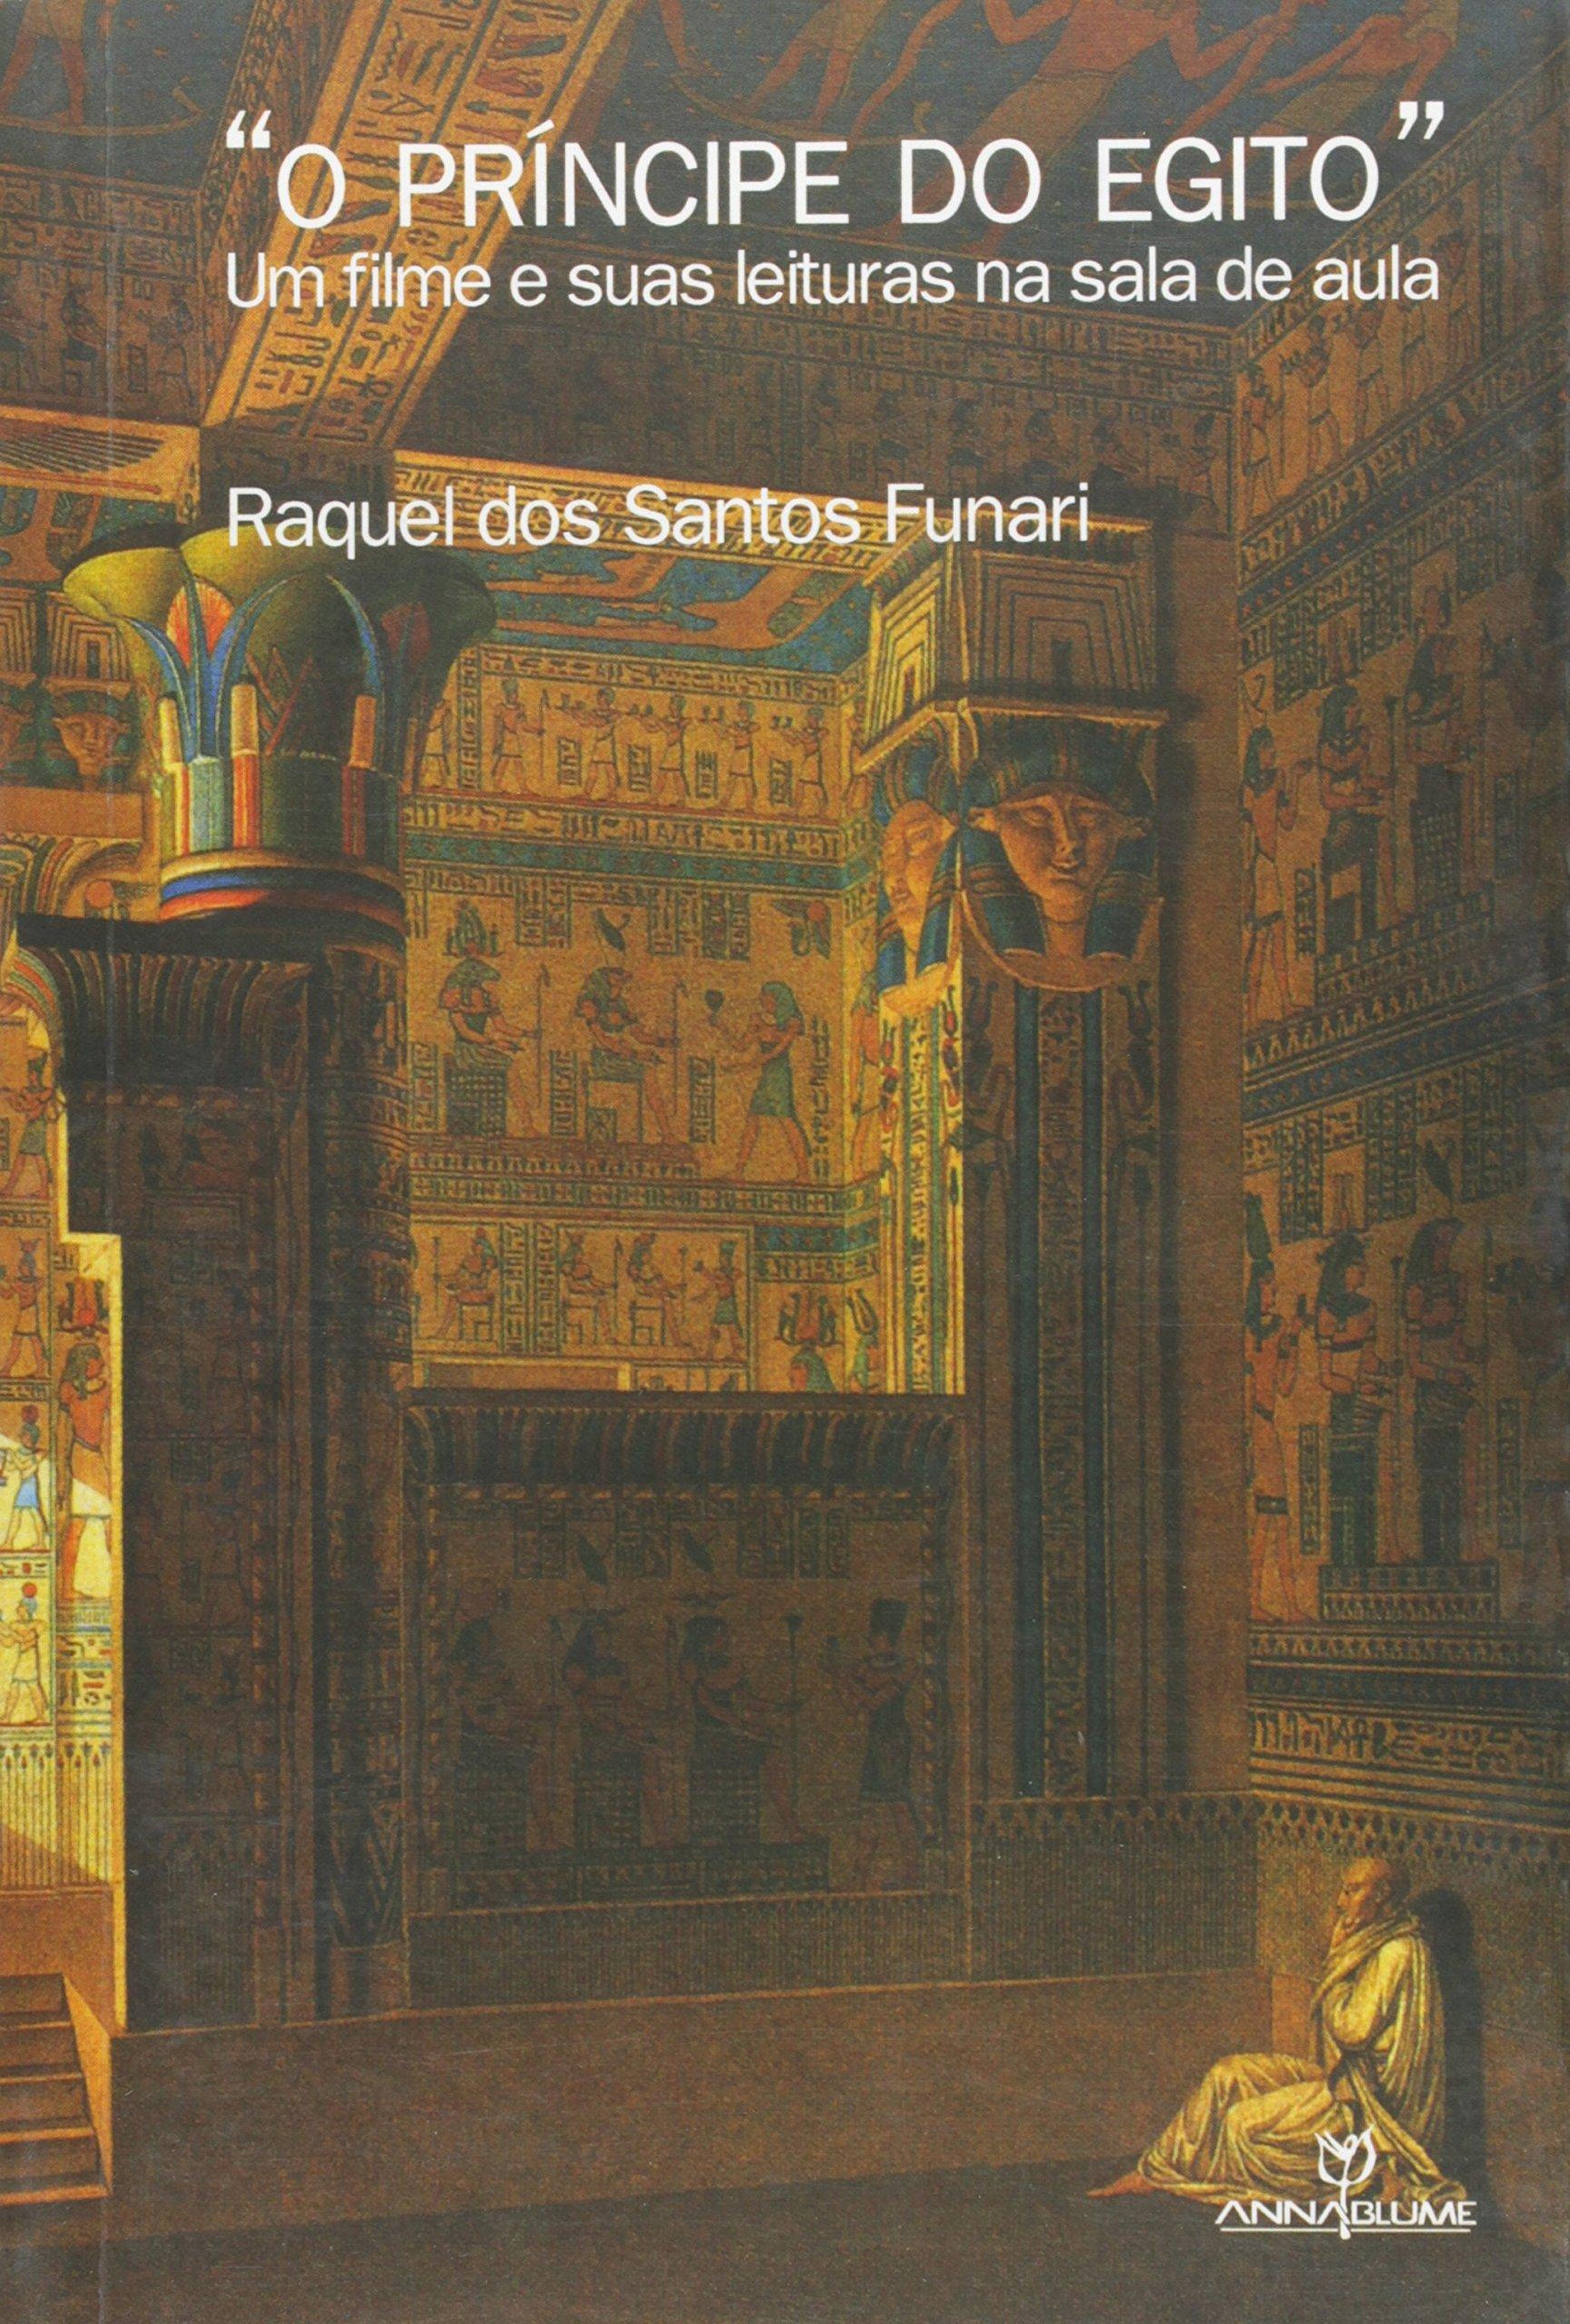 Principe Do Egito O Um Filme E Suas Leituras Na Sala De Aula